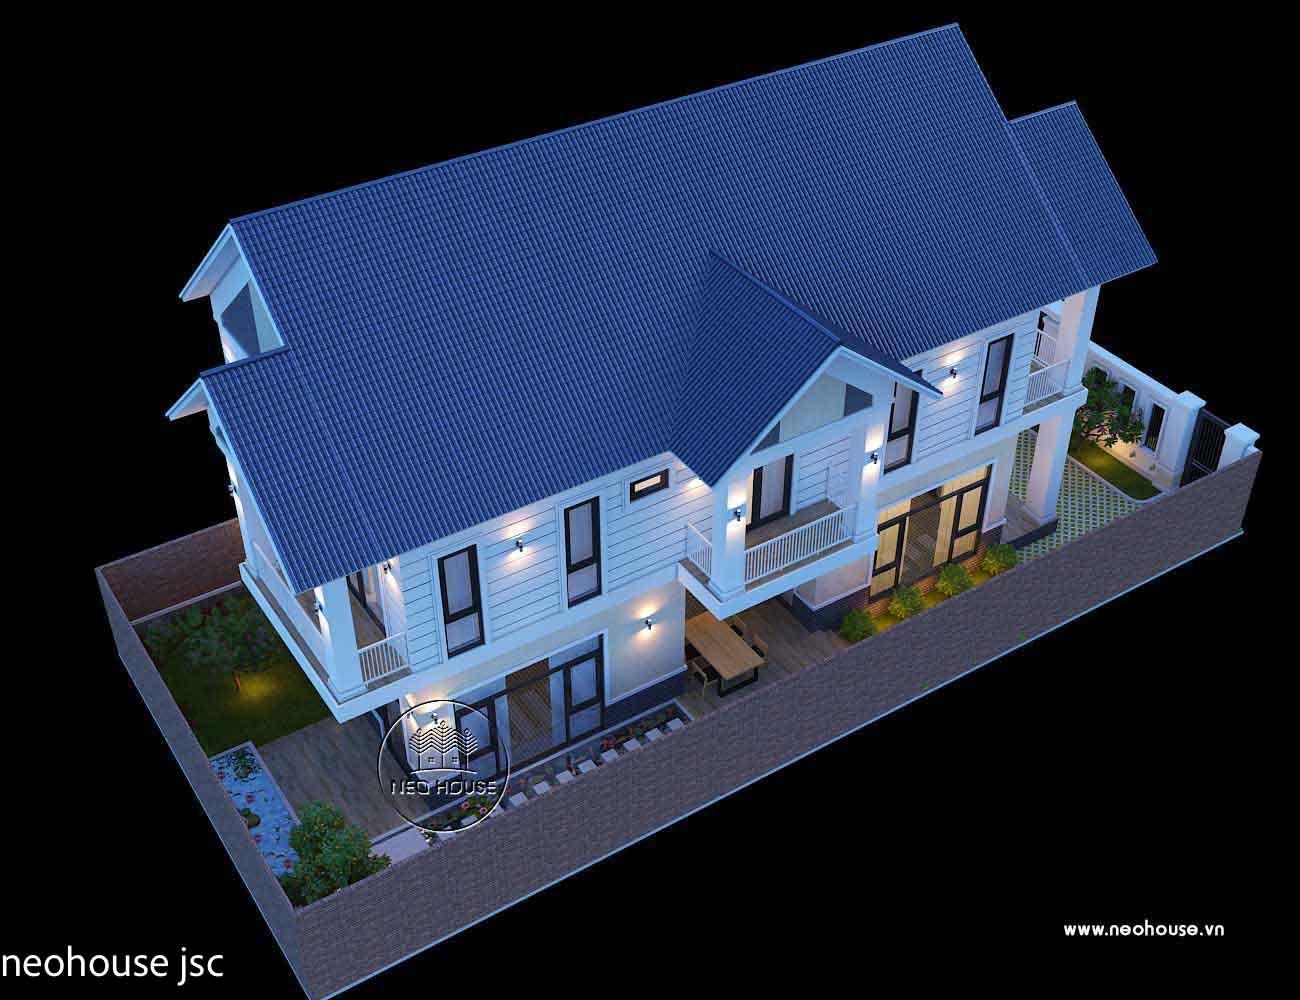 Phối cảnh mẫu thiết kế thi công nhà đẹp 2 tầng. Ảnh 3